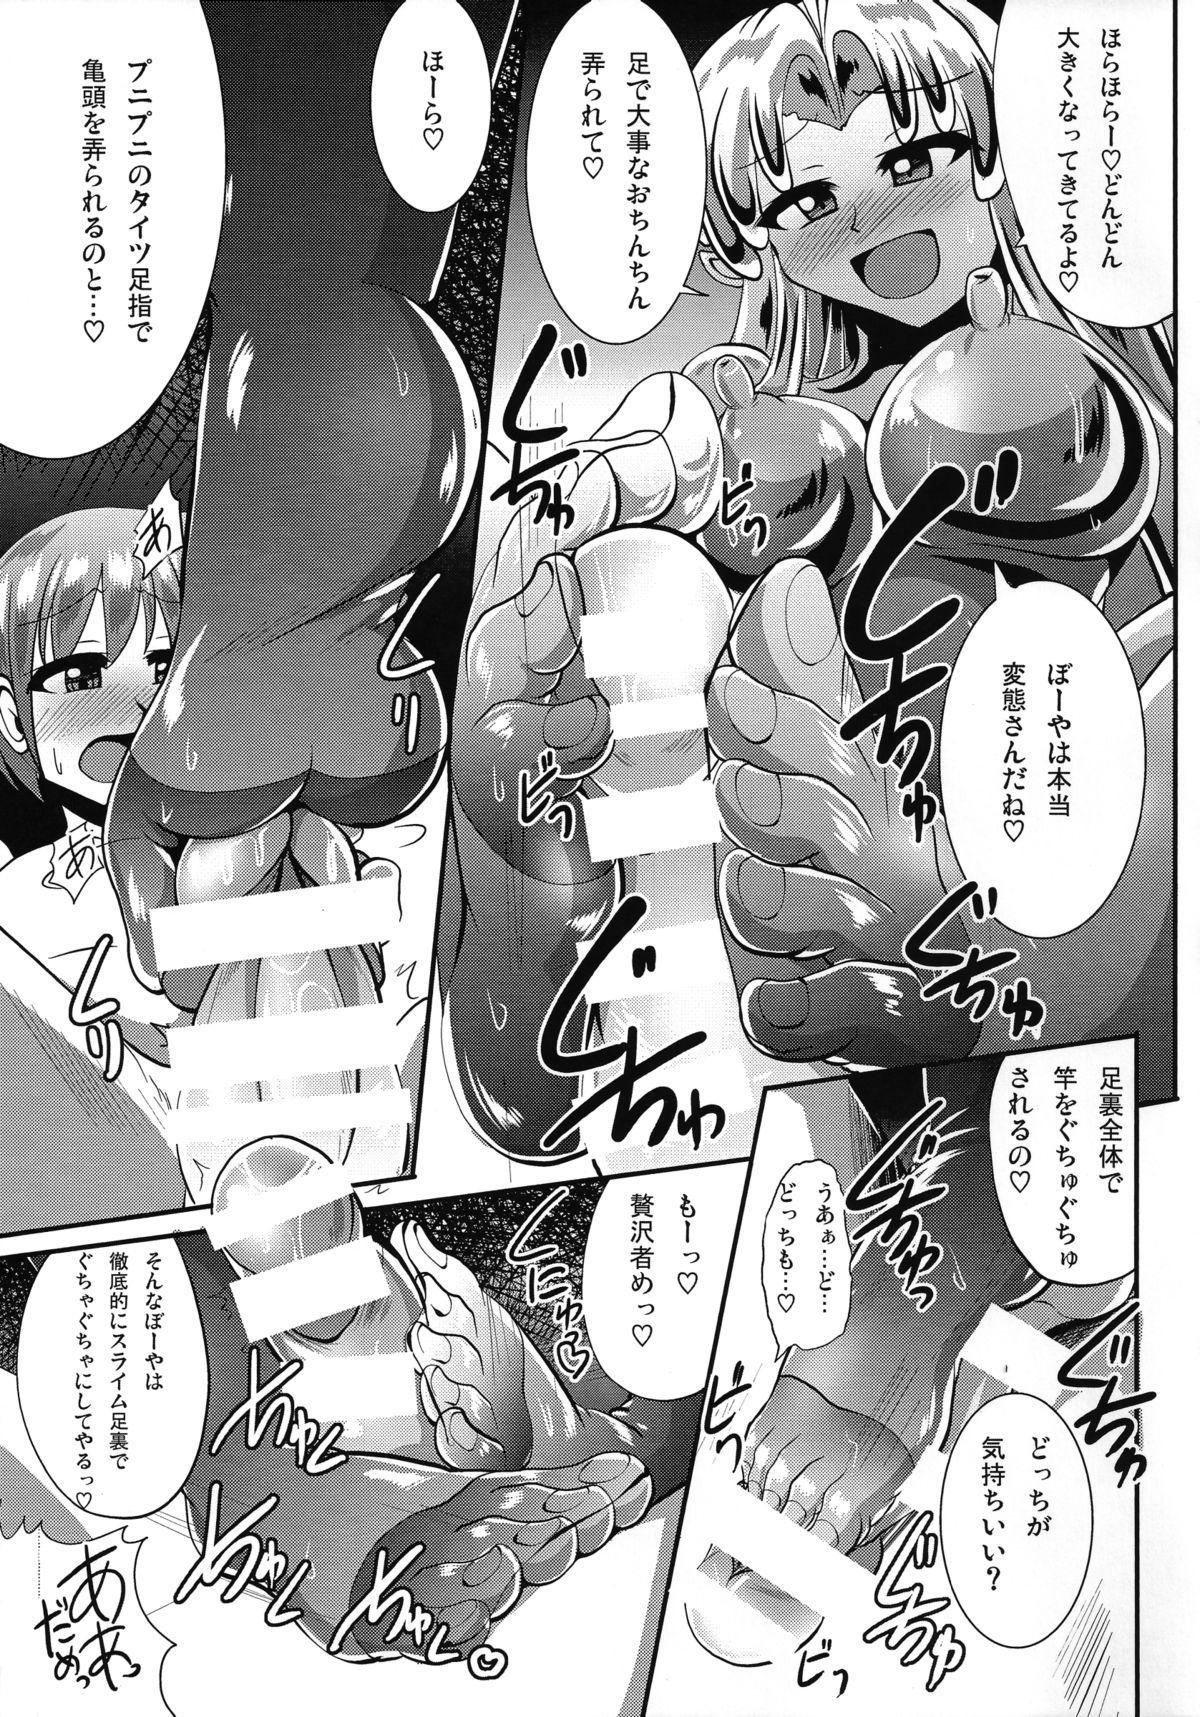 Futanari Kuro Tights no Slime Nee-san ni Shaburarete Fumarete Horarete Kimochi Yoku Nacchau Shotakko no Hon 8